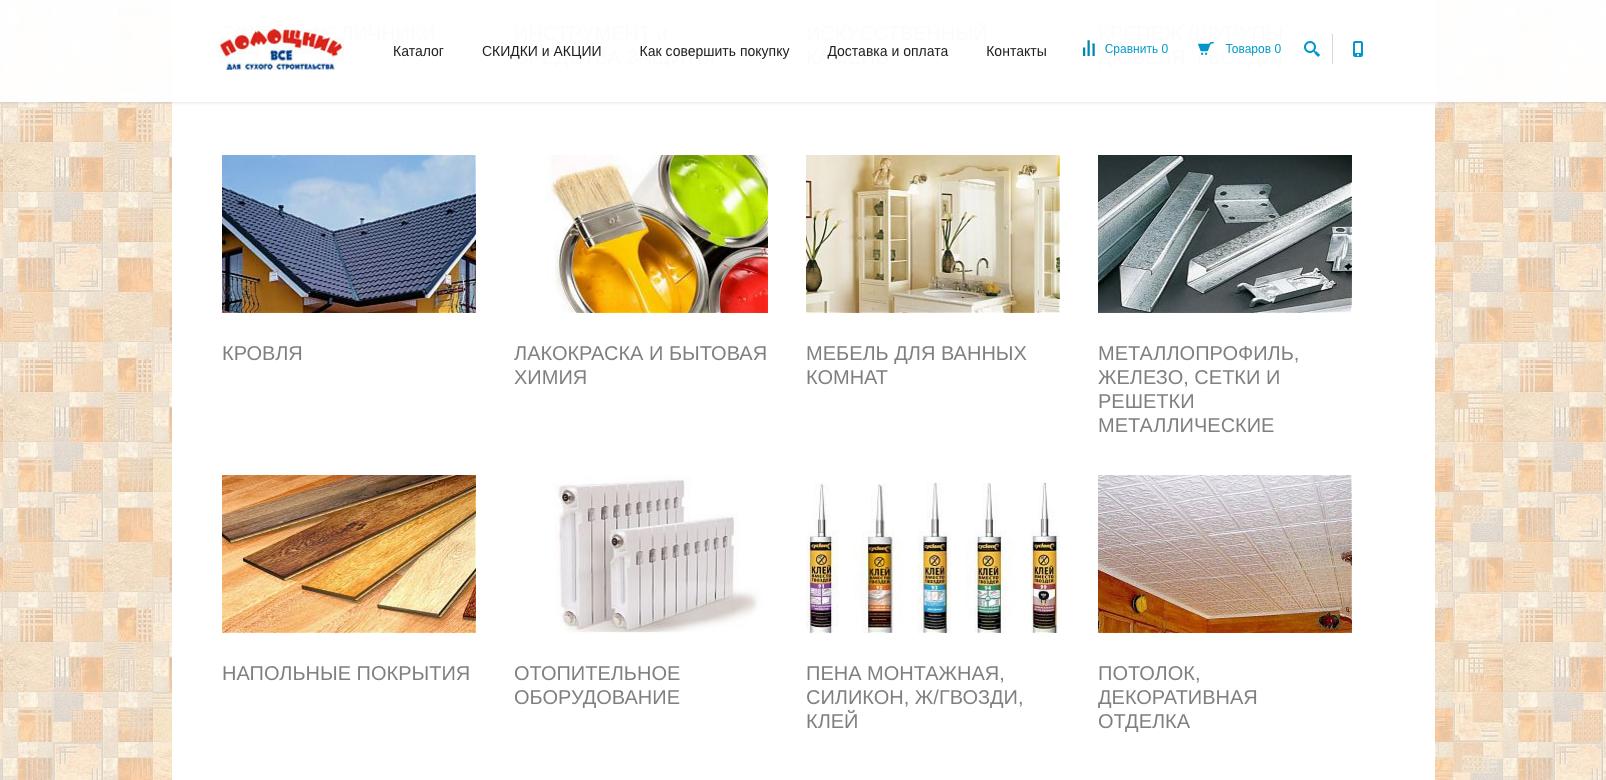 Сочетание матовых ярких цветов для сайта примеры a25.ru